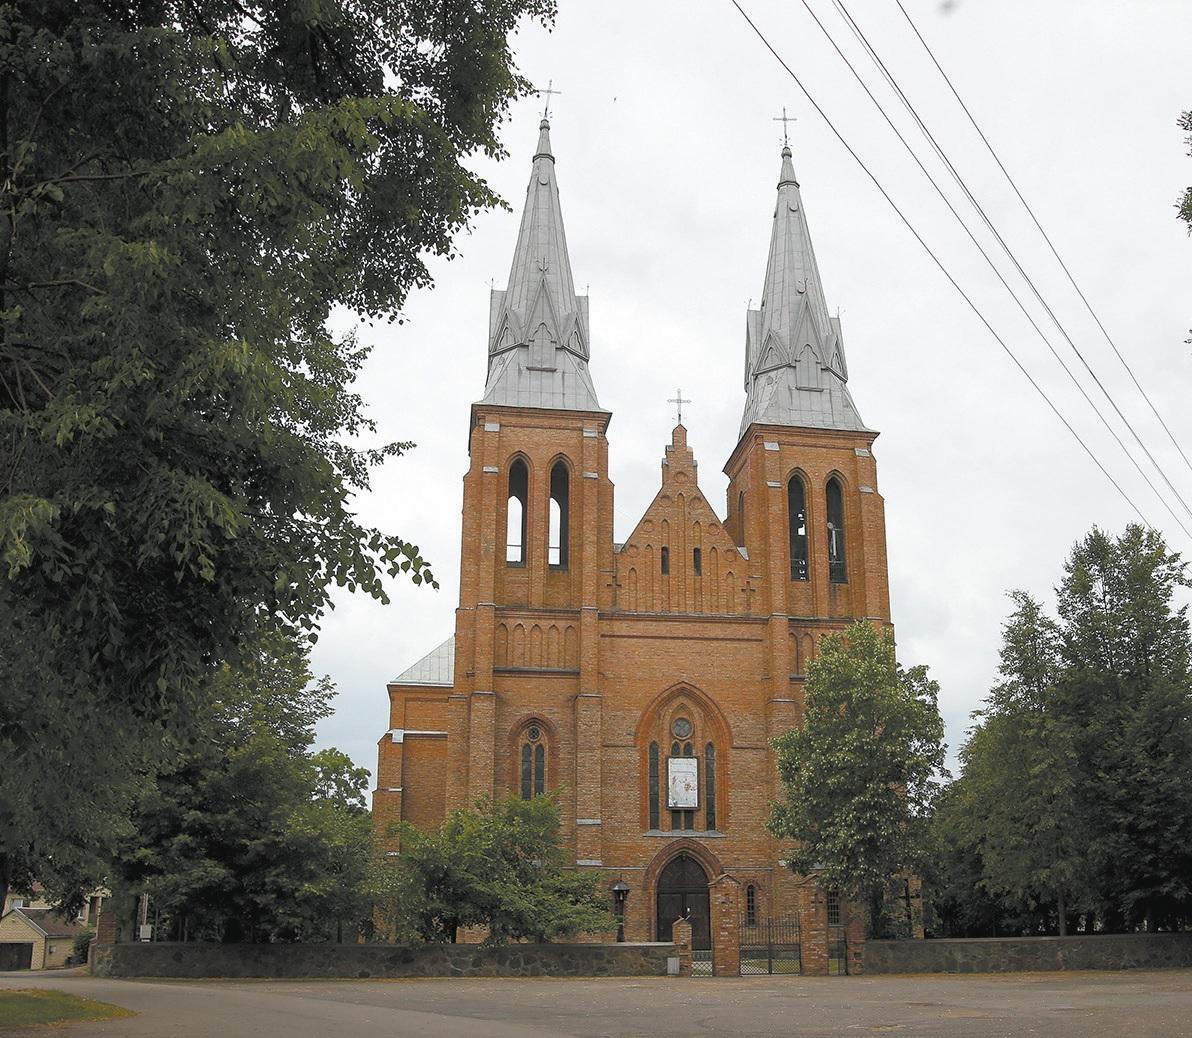 Pernaravos ir Josvainių parapijų klebonas kunigas Edvinas Rimavičius teigia, kad tikinčiųjų, dalyvaujančių Šv. Mišiose, nuolatos mažėja. A. Barzdžiaus nuotr.